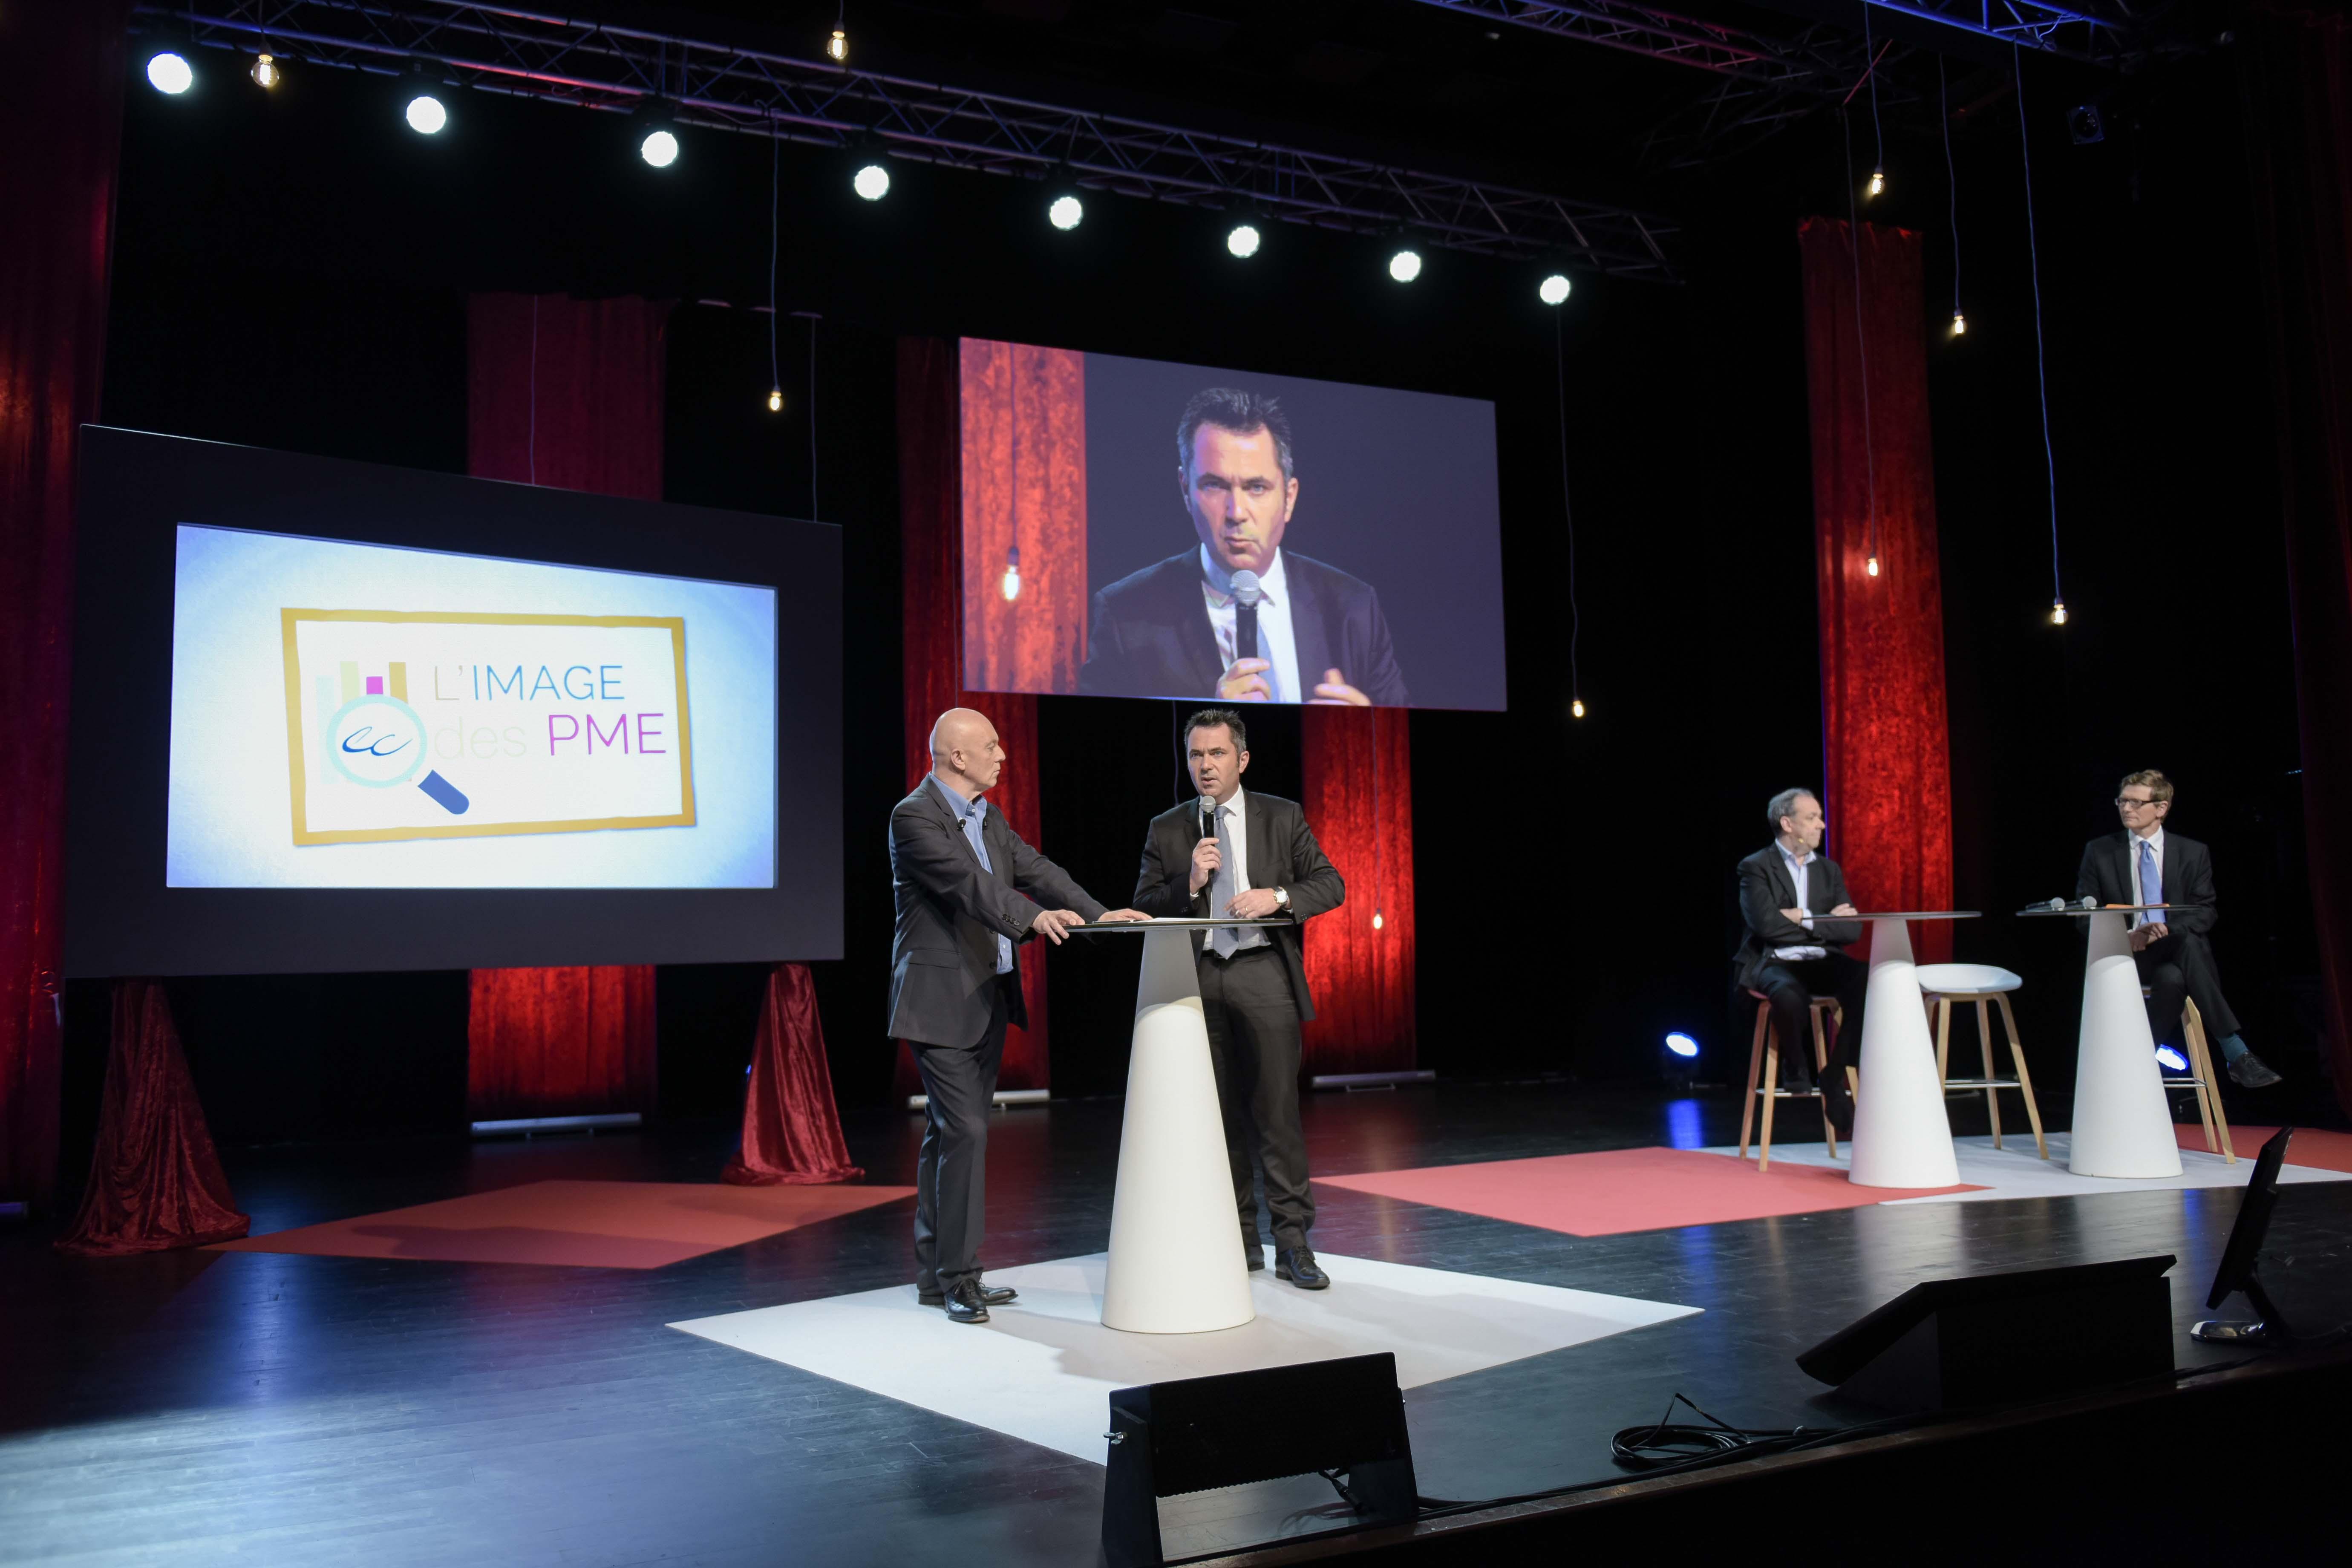 Image PME bretagne 18/10/16 Le ponant Pacé